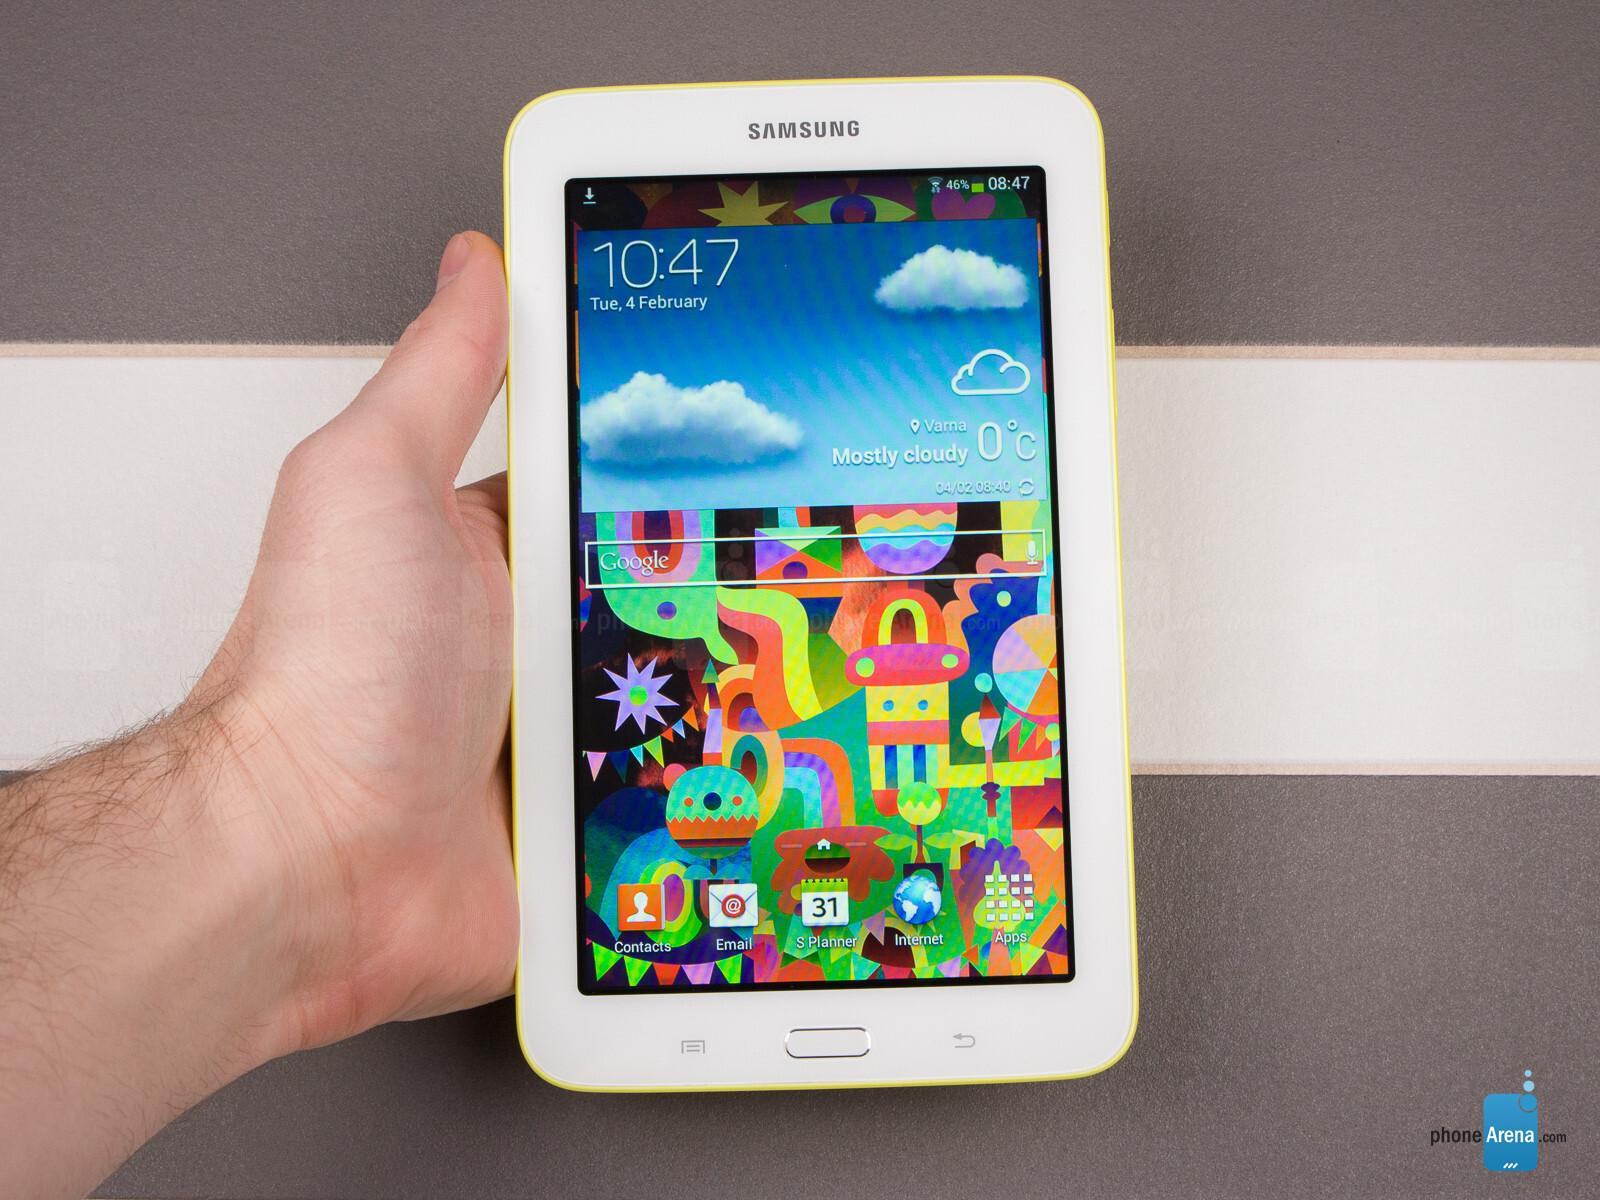 Samsung galaxy tab 3 lite preview - Samsung galaxy tab 4 lite ...